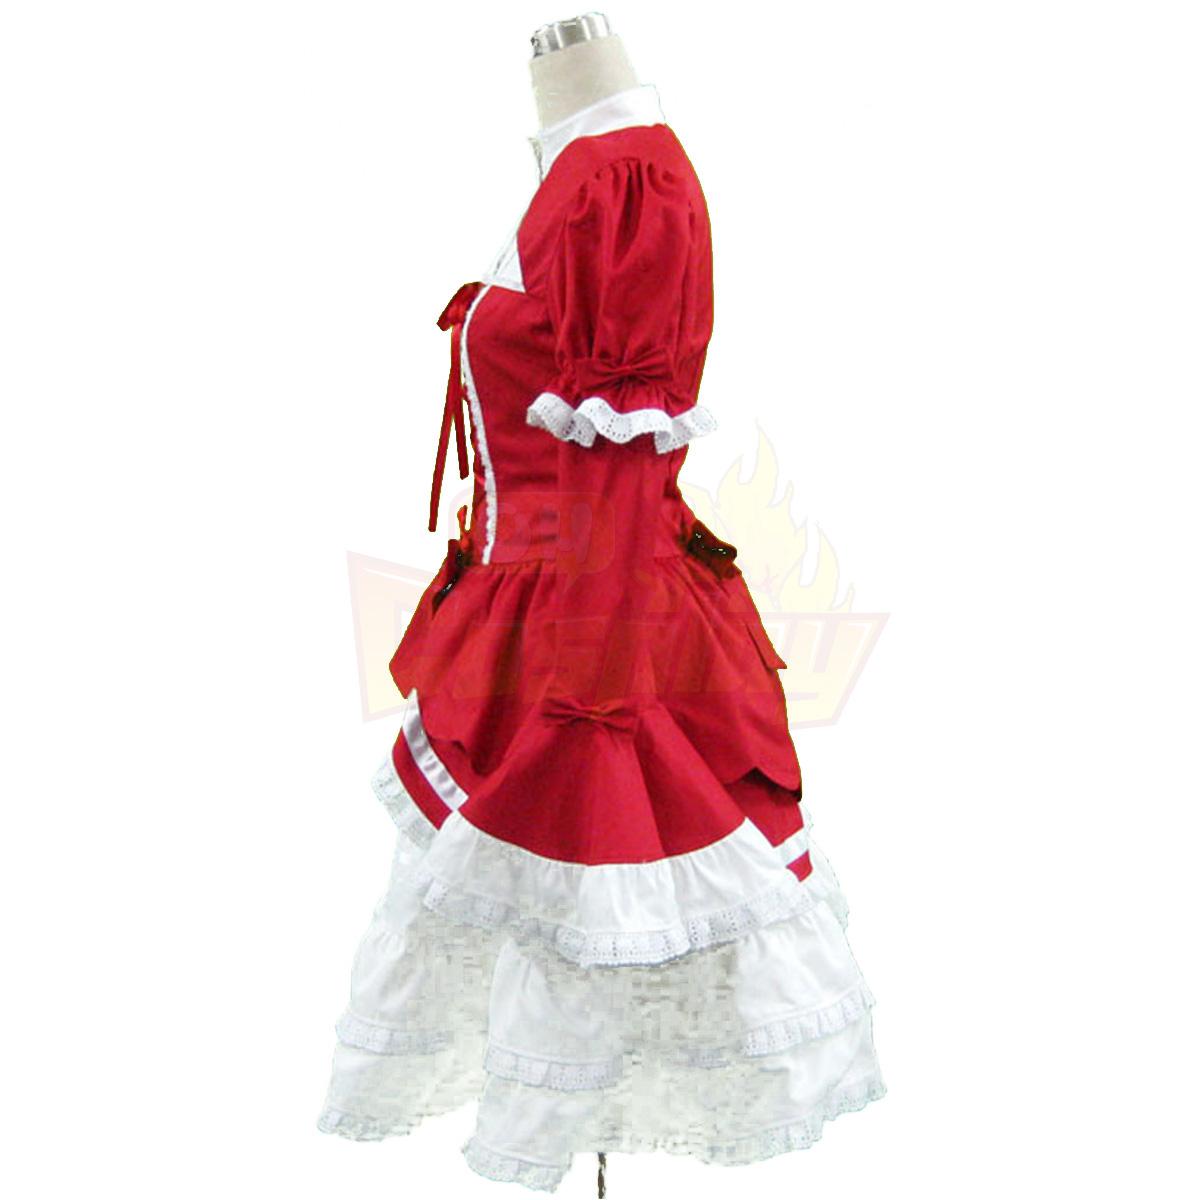 호화로운 로리타 문화 빨간와 화이트 민소매 짧은 드레스 3 코스프레